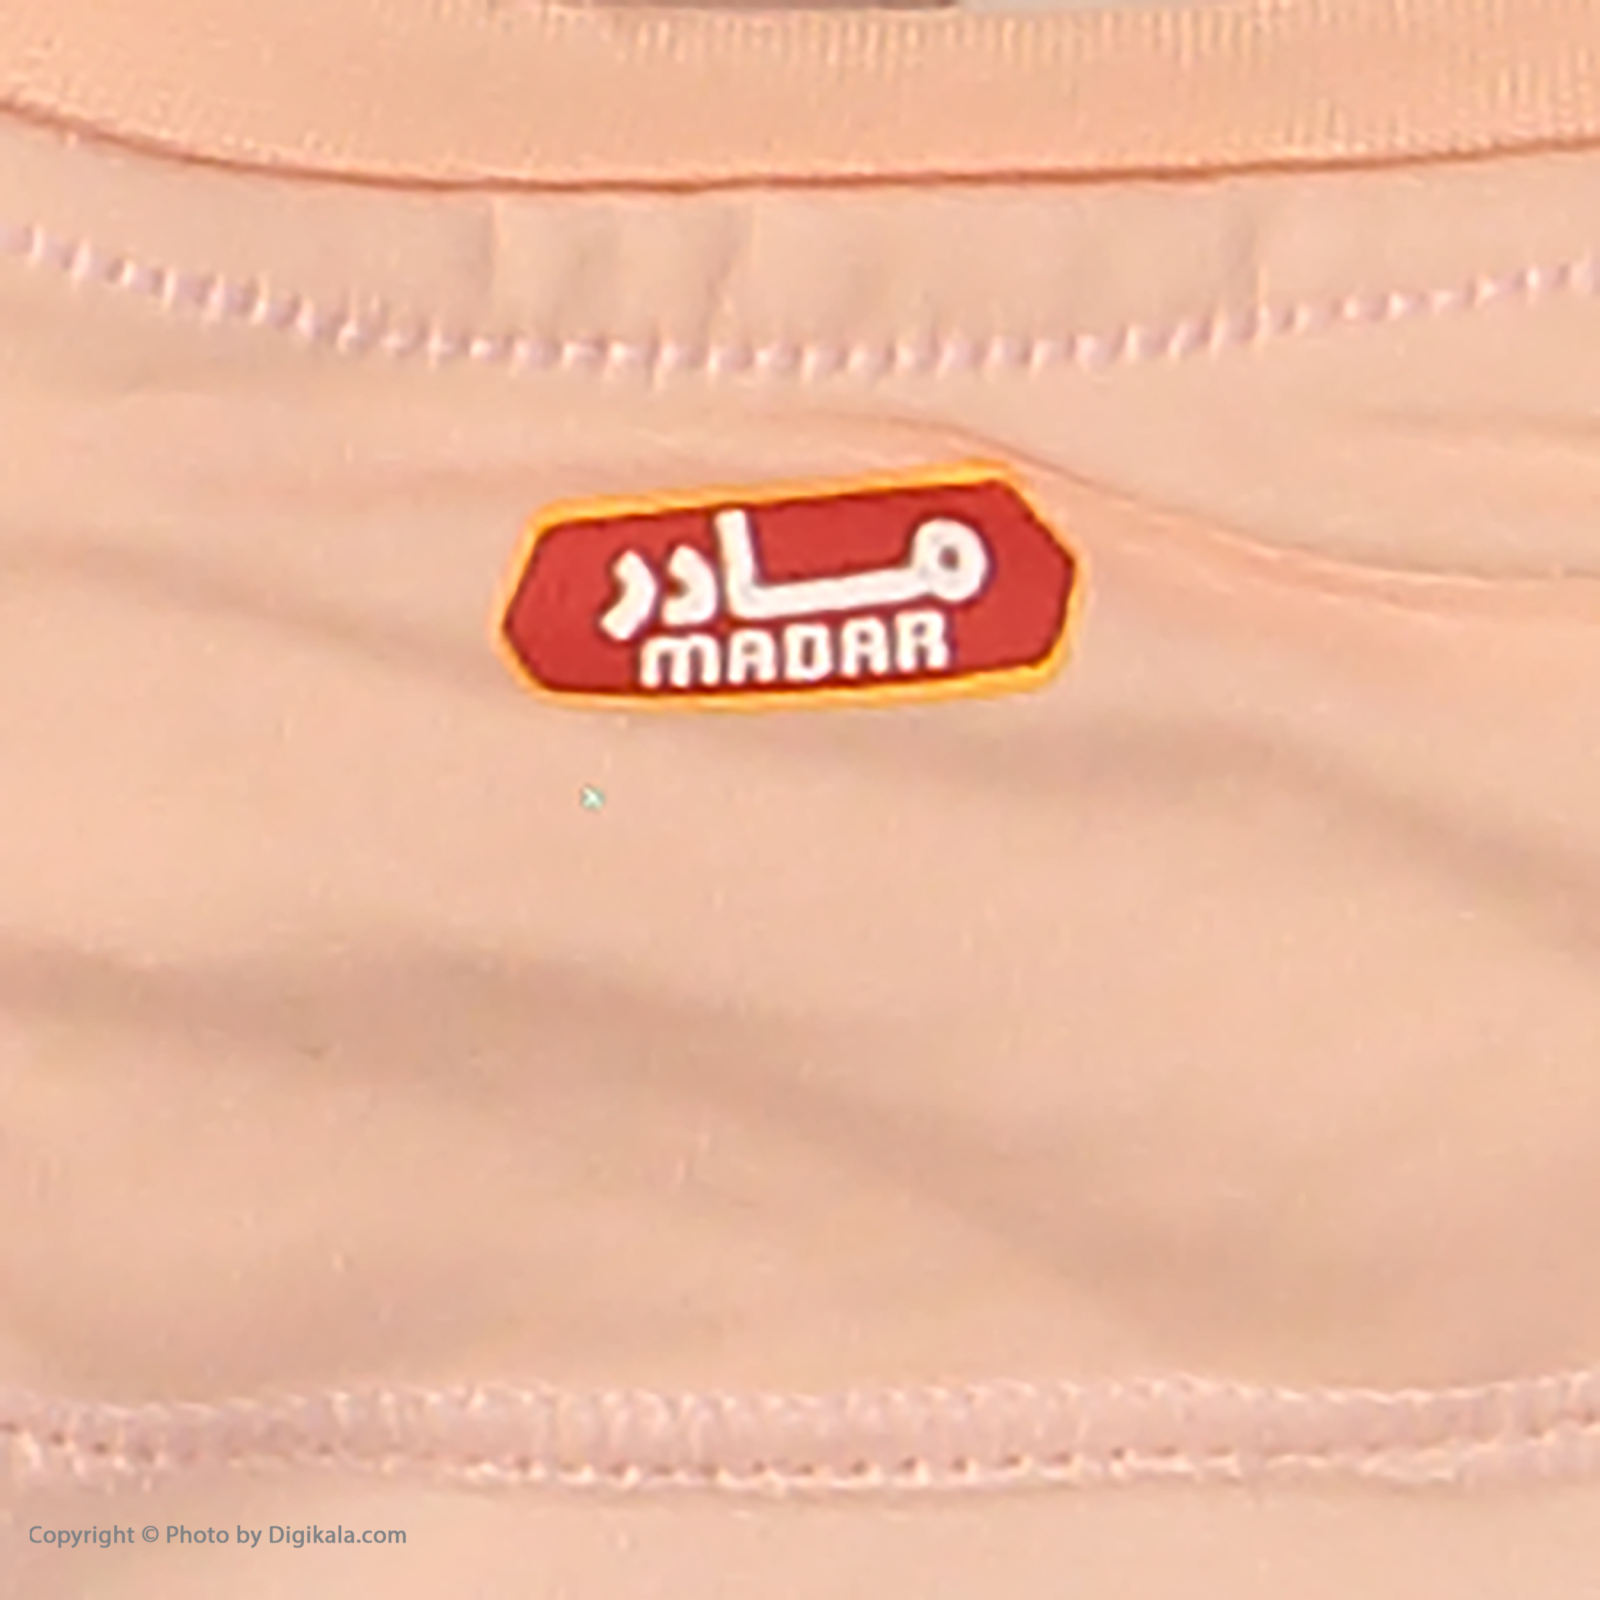 ست تی شرت و شلوار دخترانه مادر مدل 304-80 main 1 7